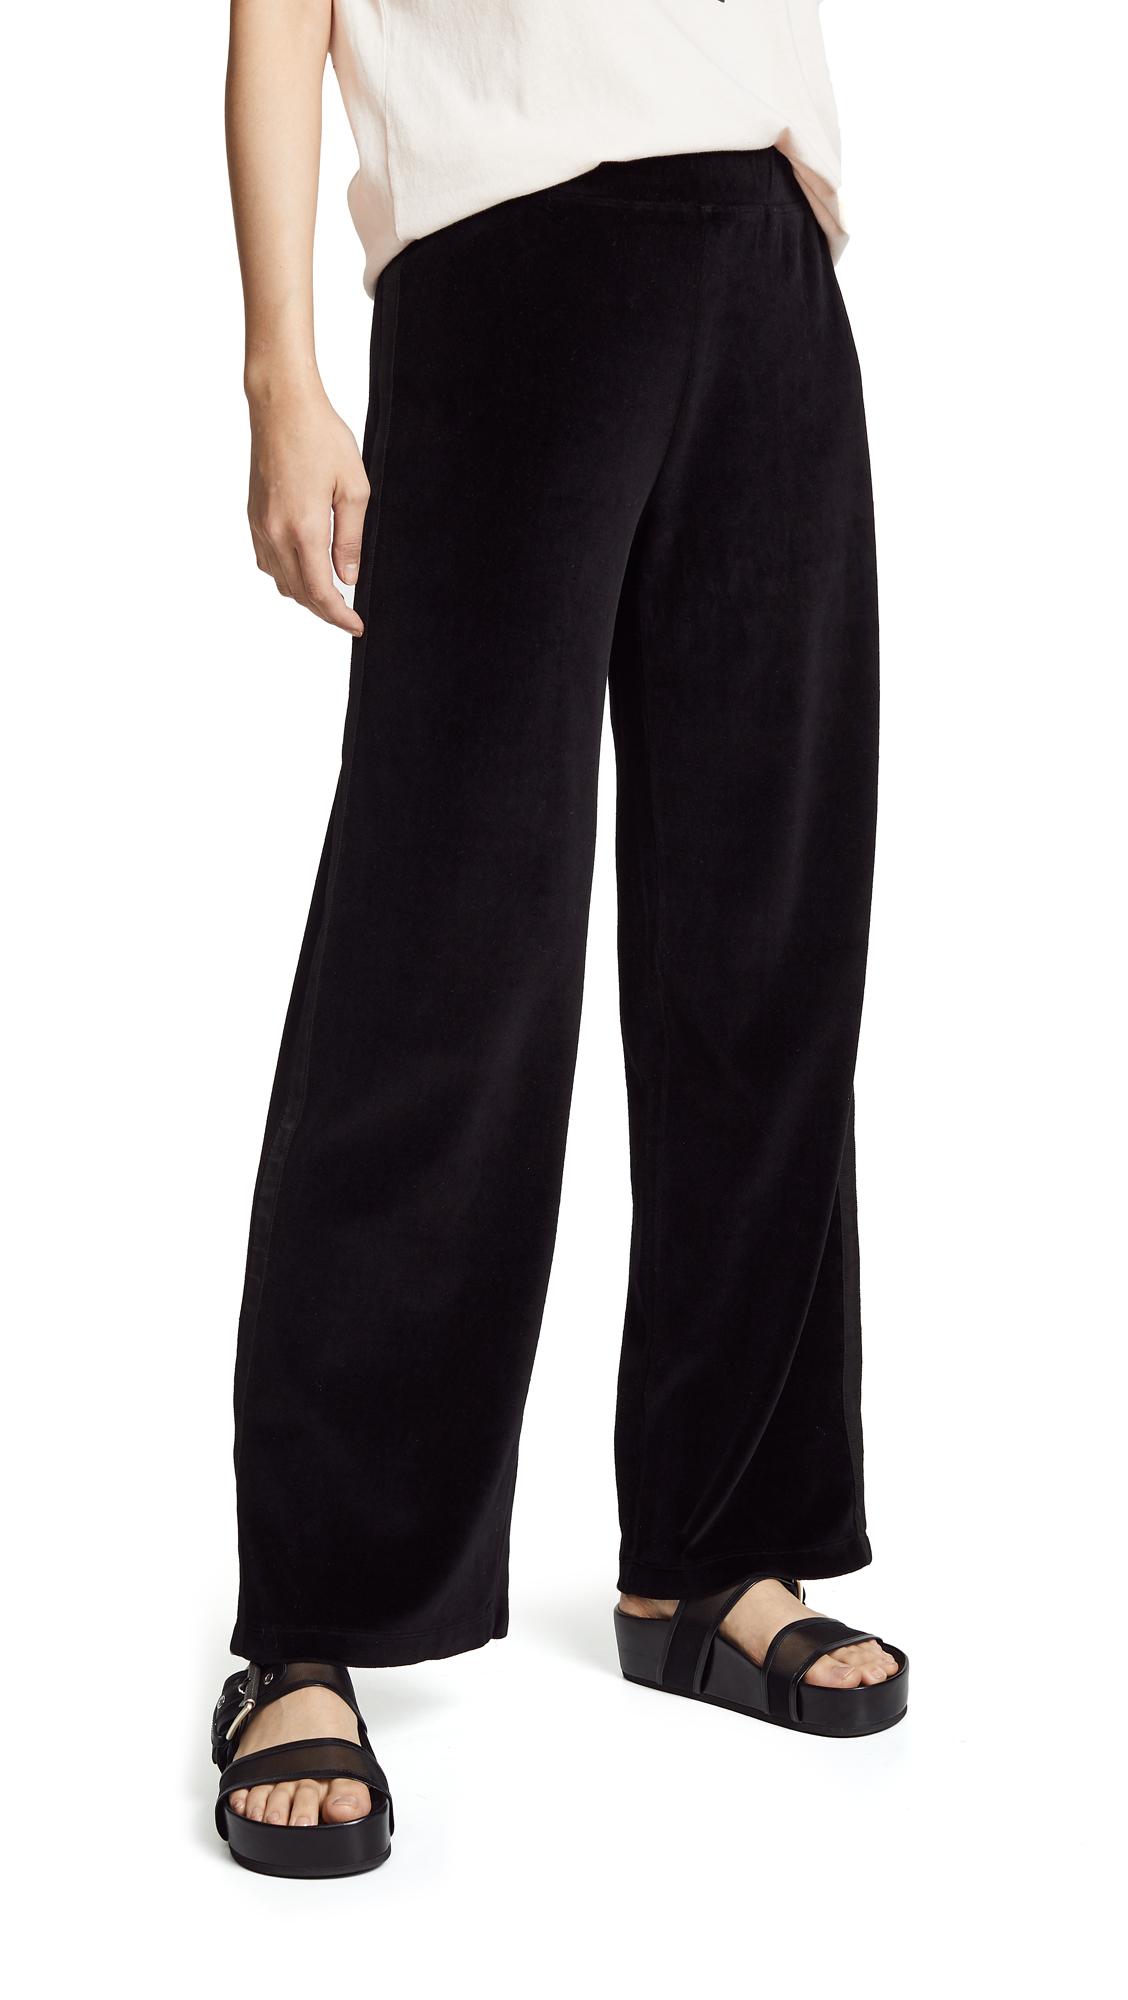 WILT Velour Wide Leg Tuxedo Pants in Black